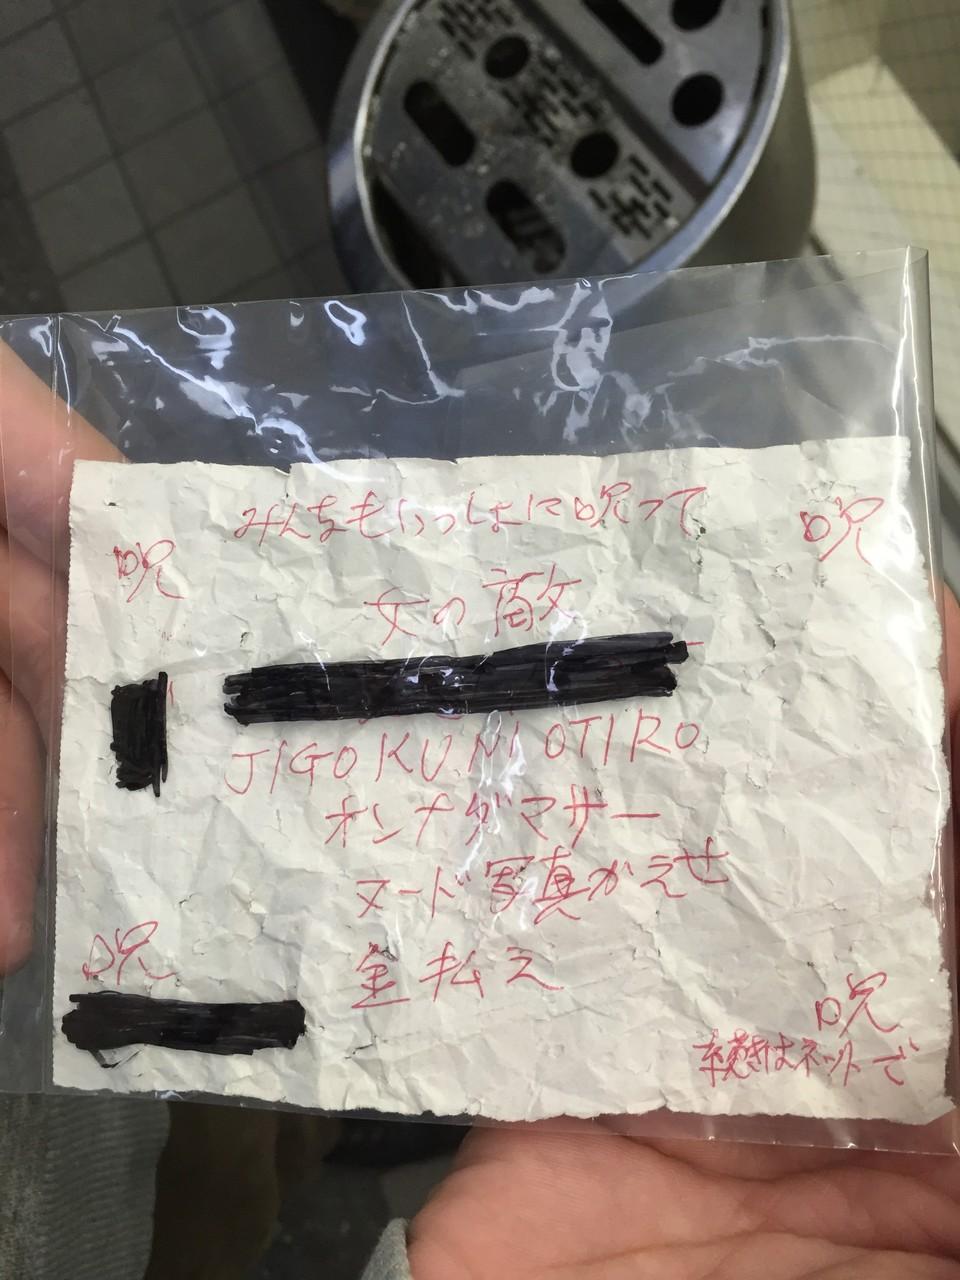 第百四十二話 呪いの紙切れ(表)